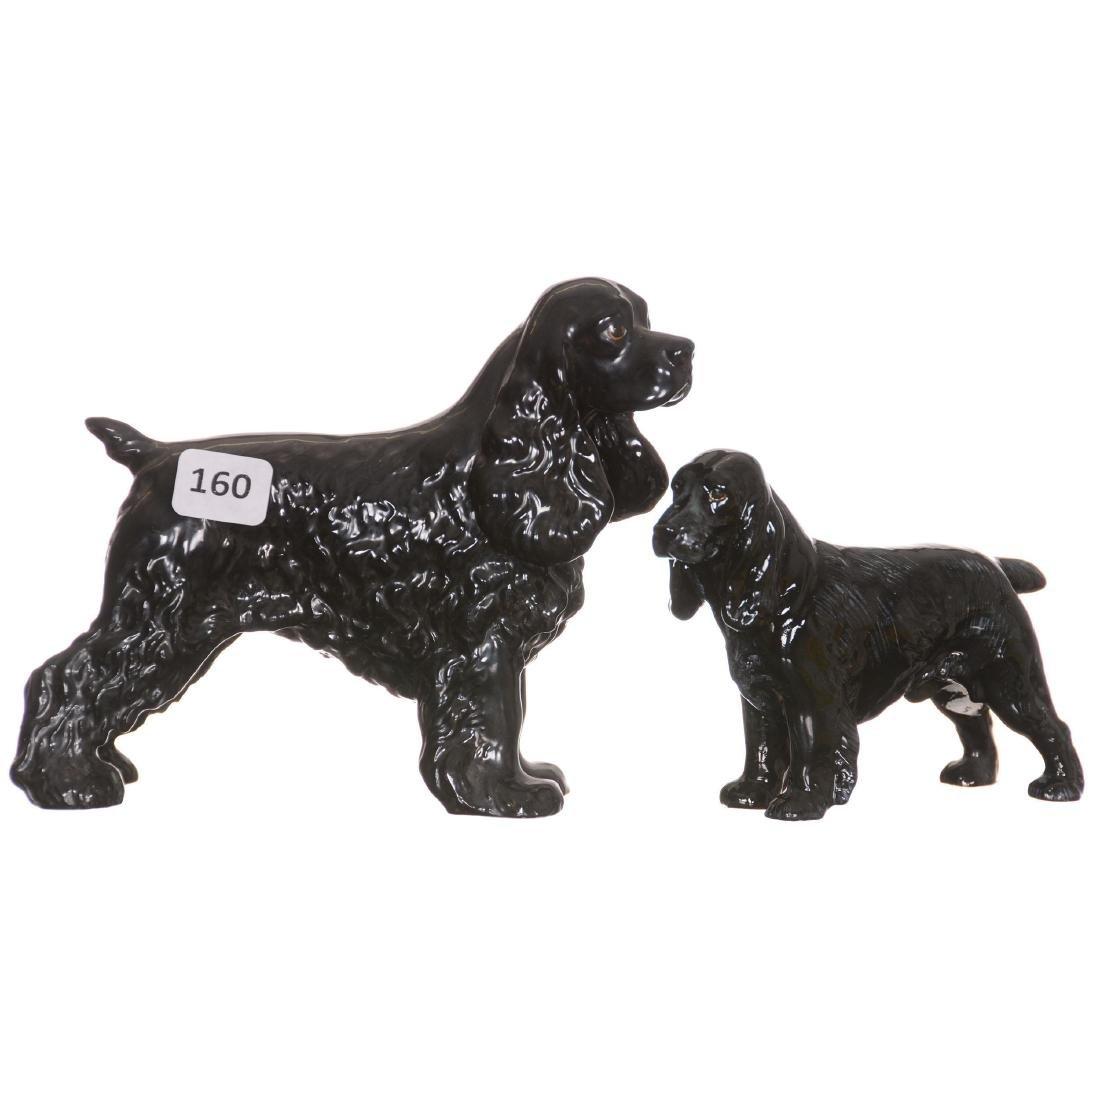 (2) Dog Figurines